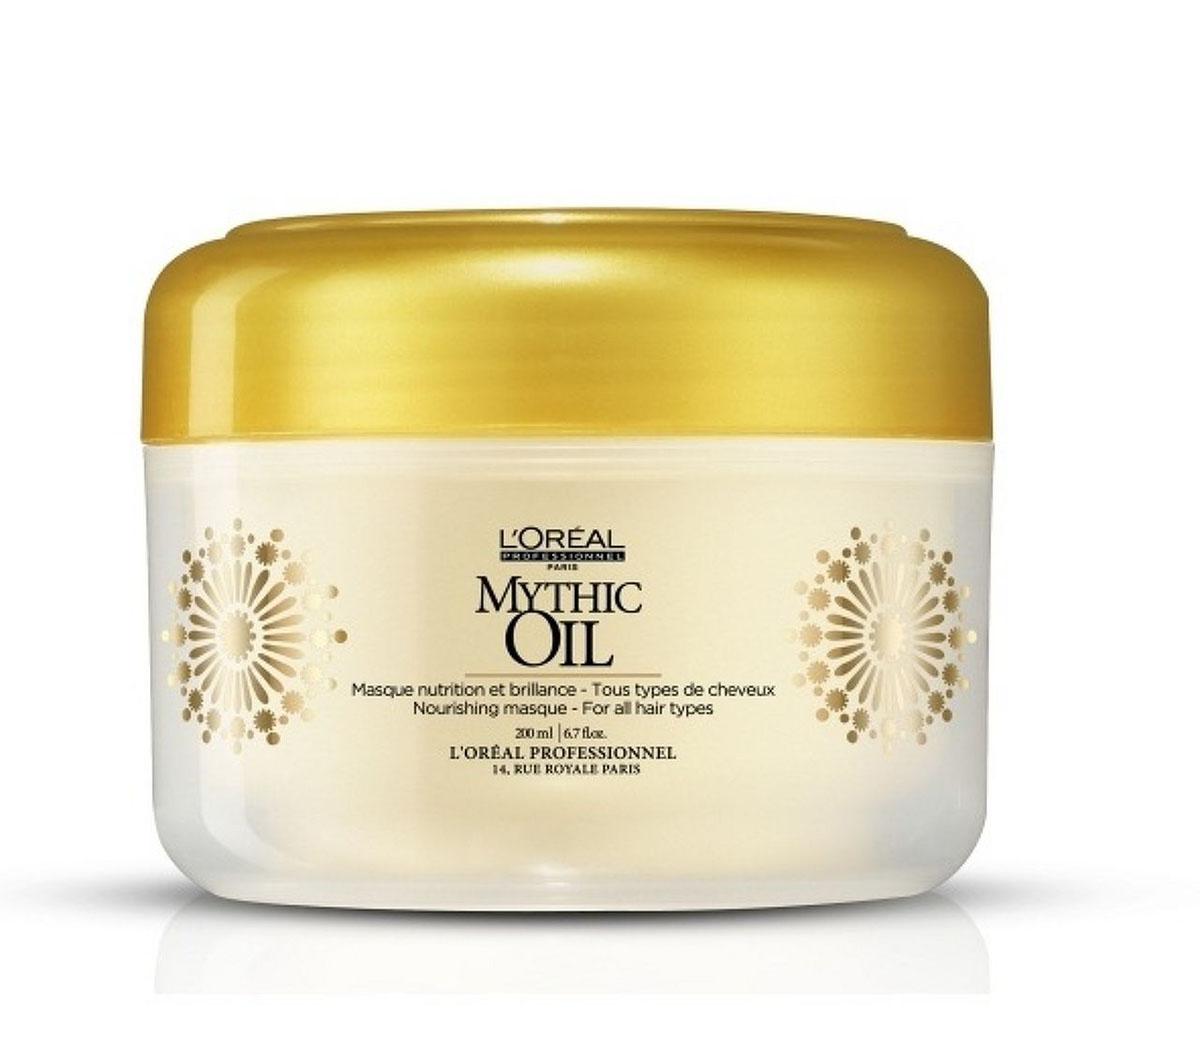 LOreal Professionnel Mythic Oil Питательная маска для всех типов волос 200 млE0471764Новинка от Лореаль - Mythic Oil Masque. Эта питательная маска, придает волосам глянцевый блеск, в результате чего ваши волосы становятся ухоженными и здоровыми.неповторимый, здоровый, ухоженный вид. Защита и питание волос, их мягкость обеспечиваются благодаря натуральным маслам, входящим в состав шампуня: Масло арганы - для увлажнения, питания и восстанавления структуры волос. Хлопковое масло (холодного отжима) - для сохранения необходимого гидробаланса, для увеличения защитных свойств волос и кожи головы. Шикарный блеск и гладкость волос обеспечивается благодаря маслу виноградных косточек. Масло авокадо - для укрепления волос и защиты от УФ-лучей.